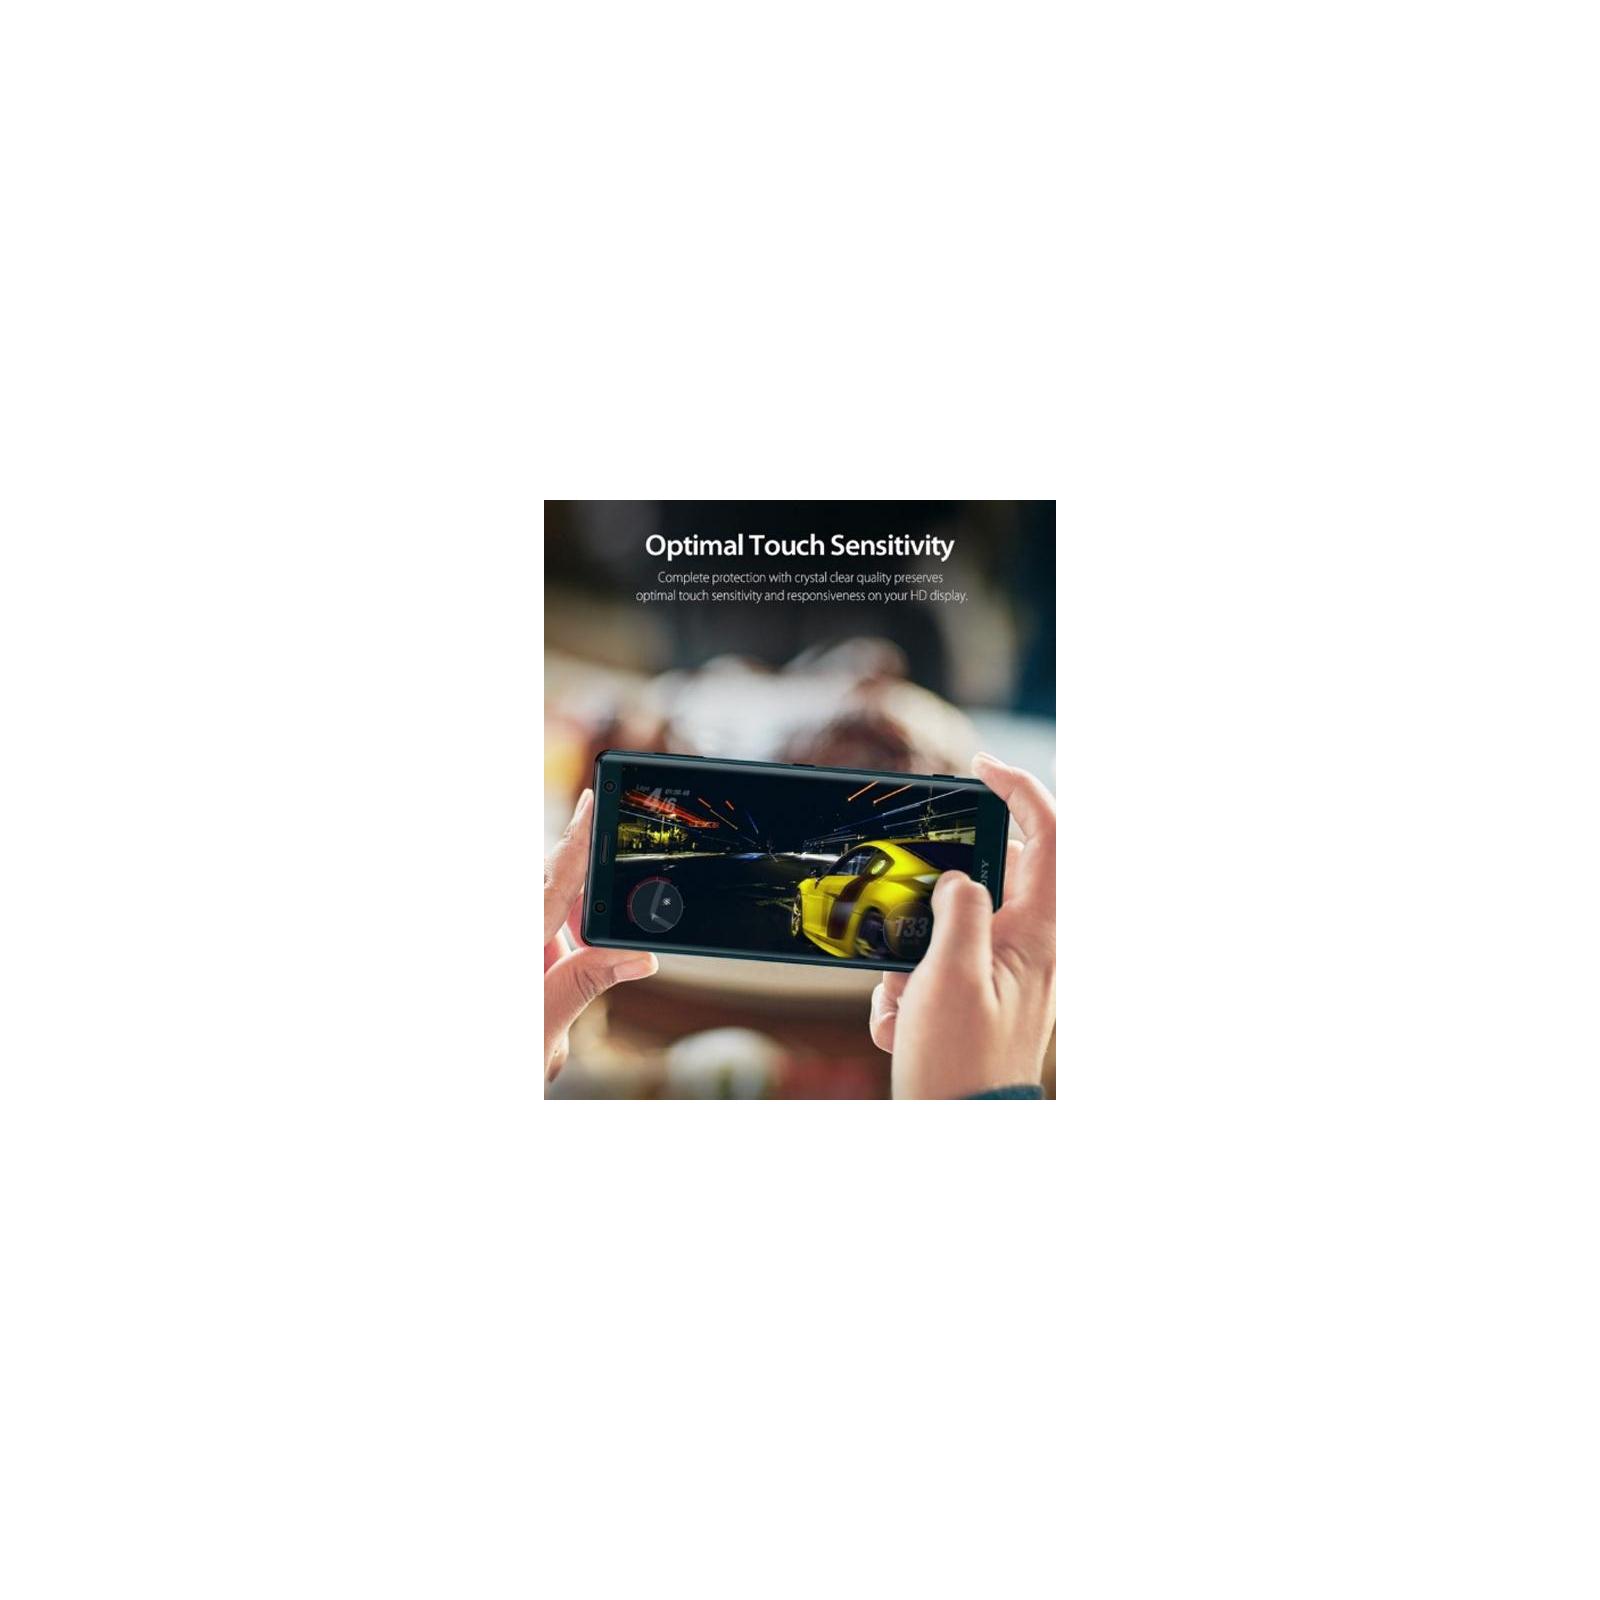 Пленка защитная Ringke для телефона Sony Xperia XZ2 Full Cover (RSP4455) изображение 12